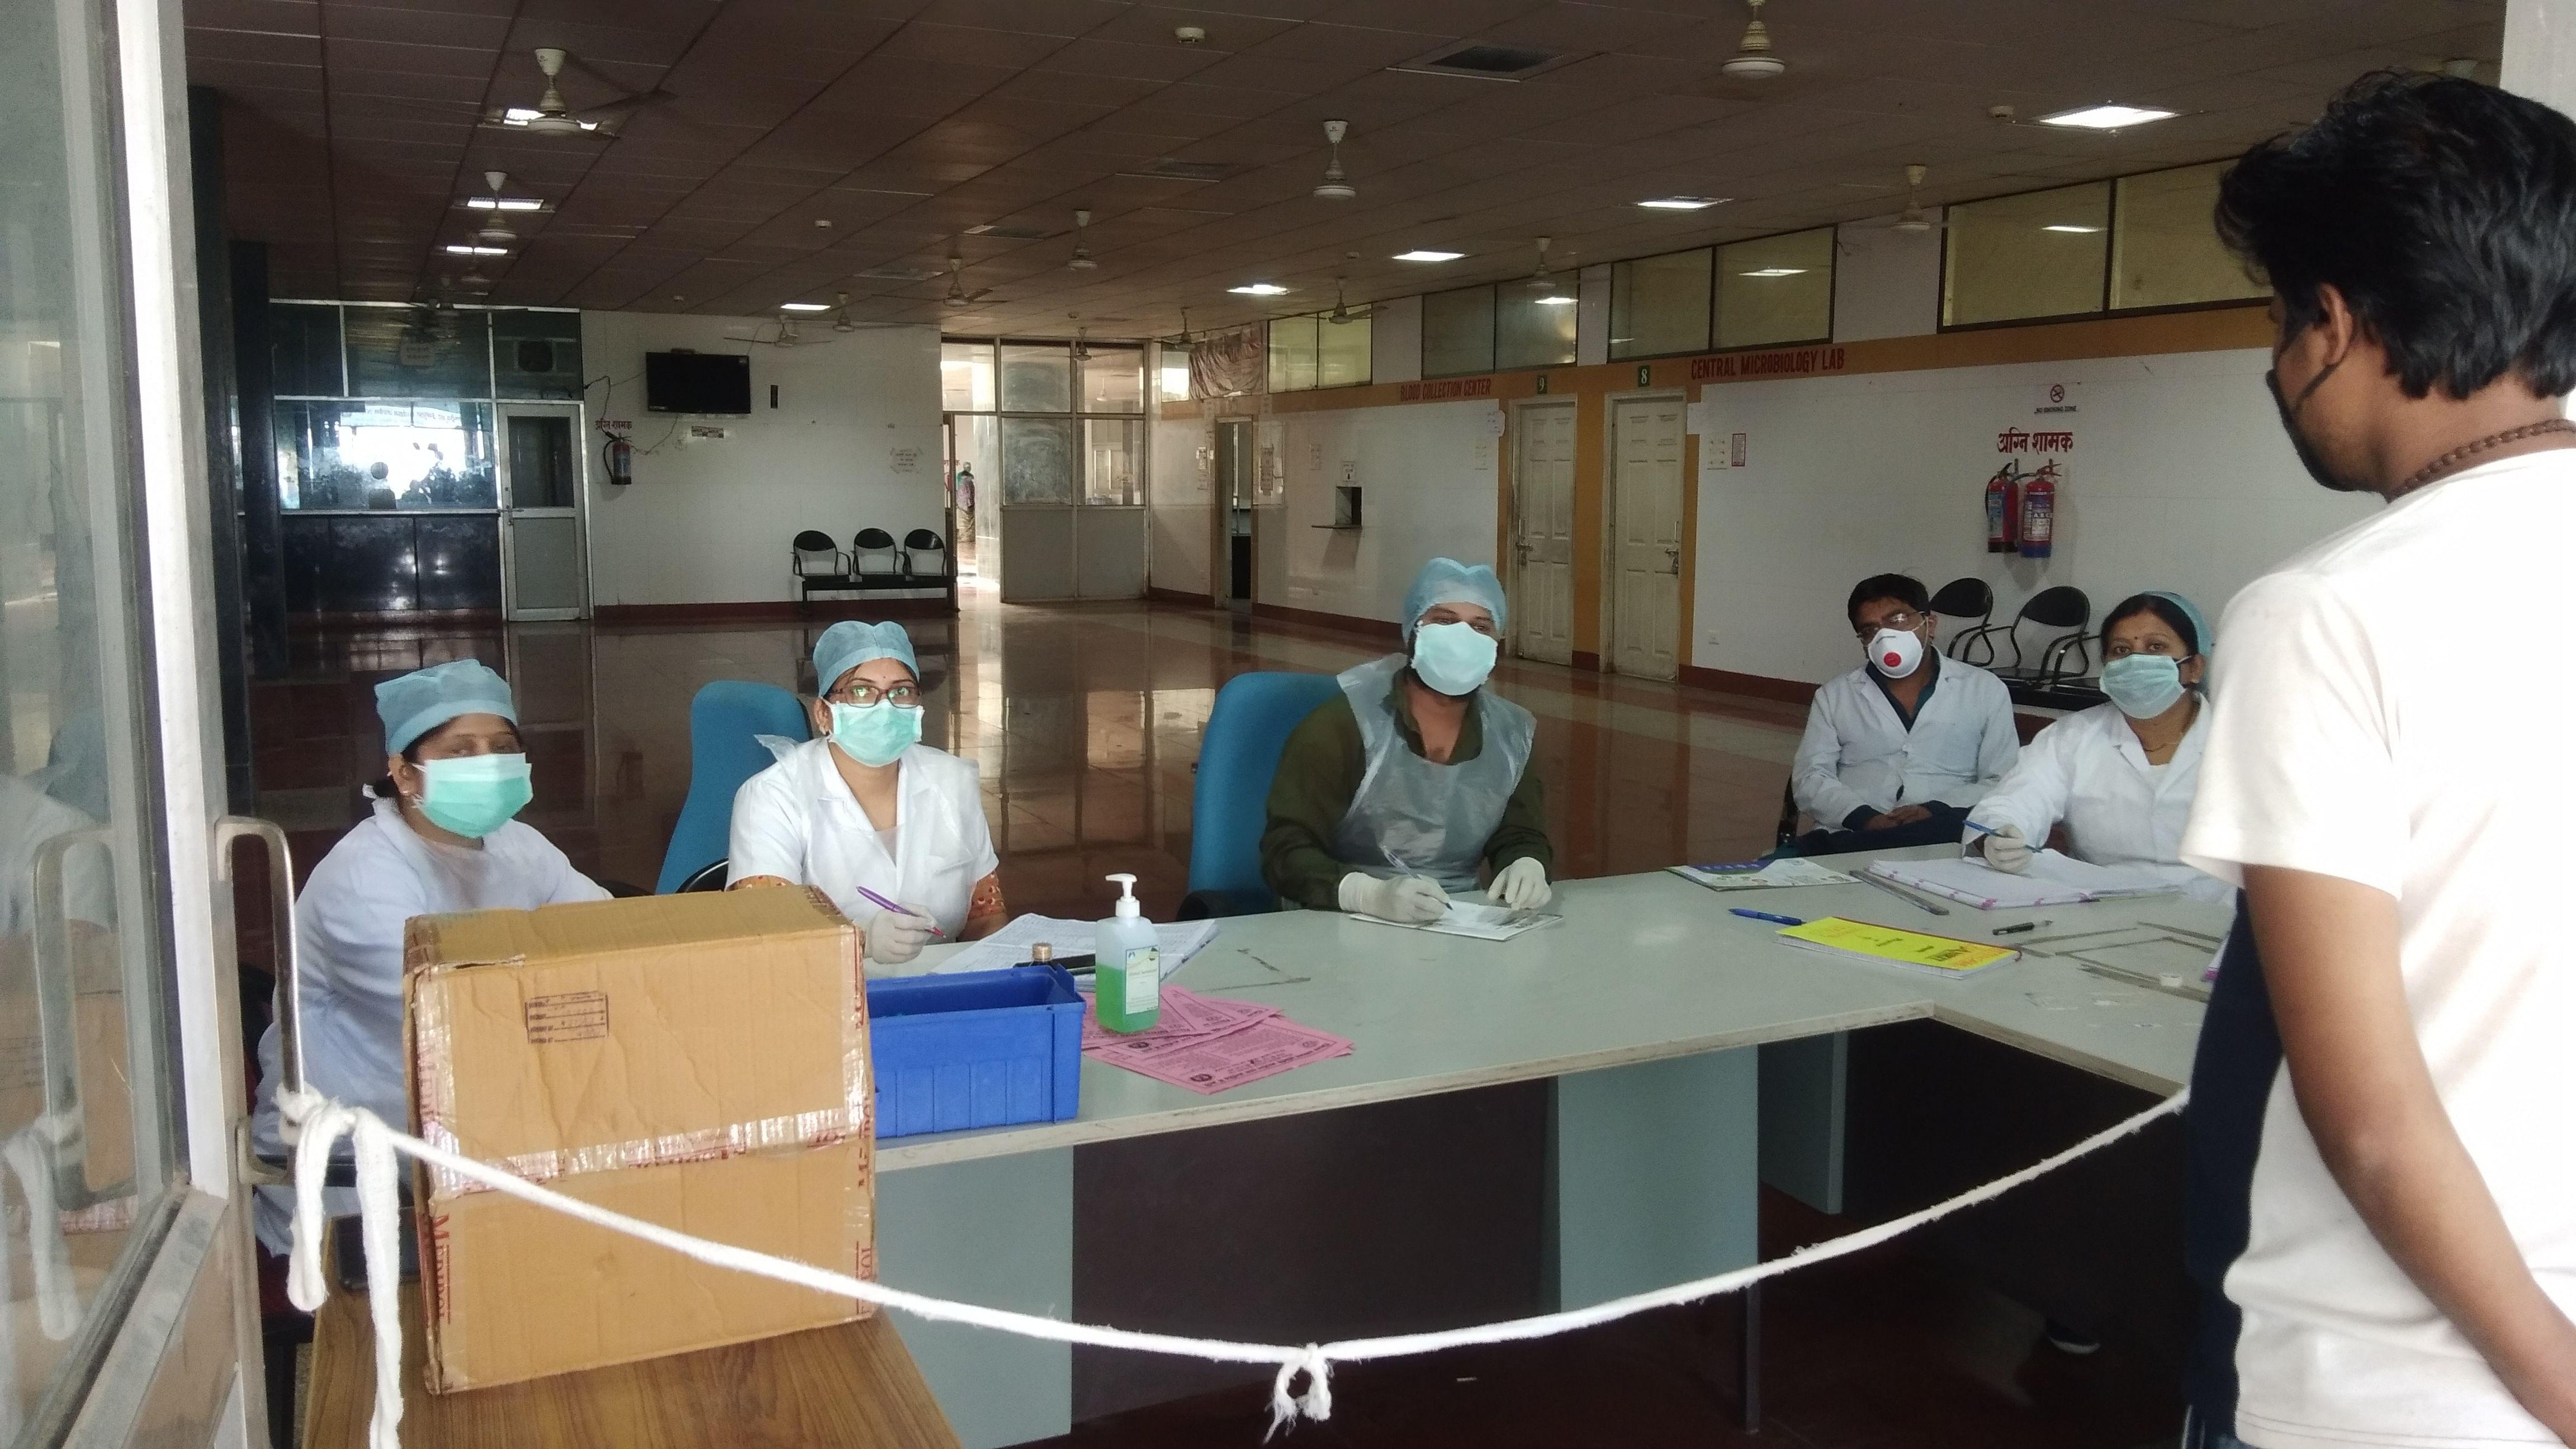 राजकीय मेडिकल कॉलेज में डाक्टरों की टीम मरीज देखती